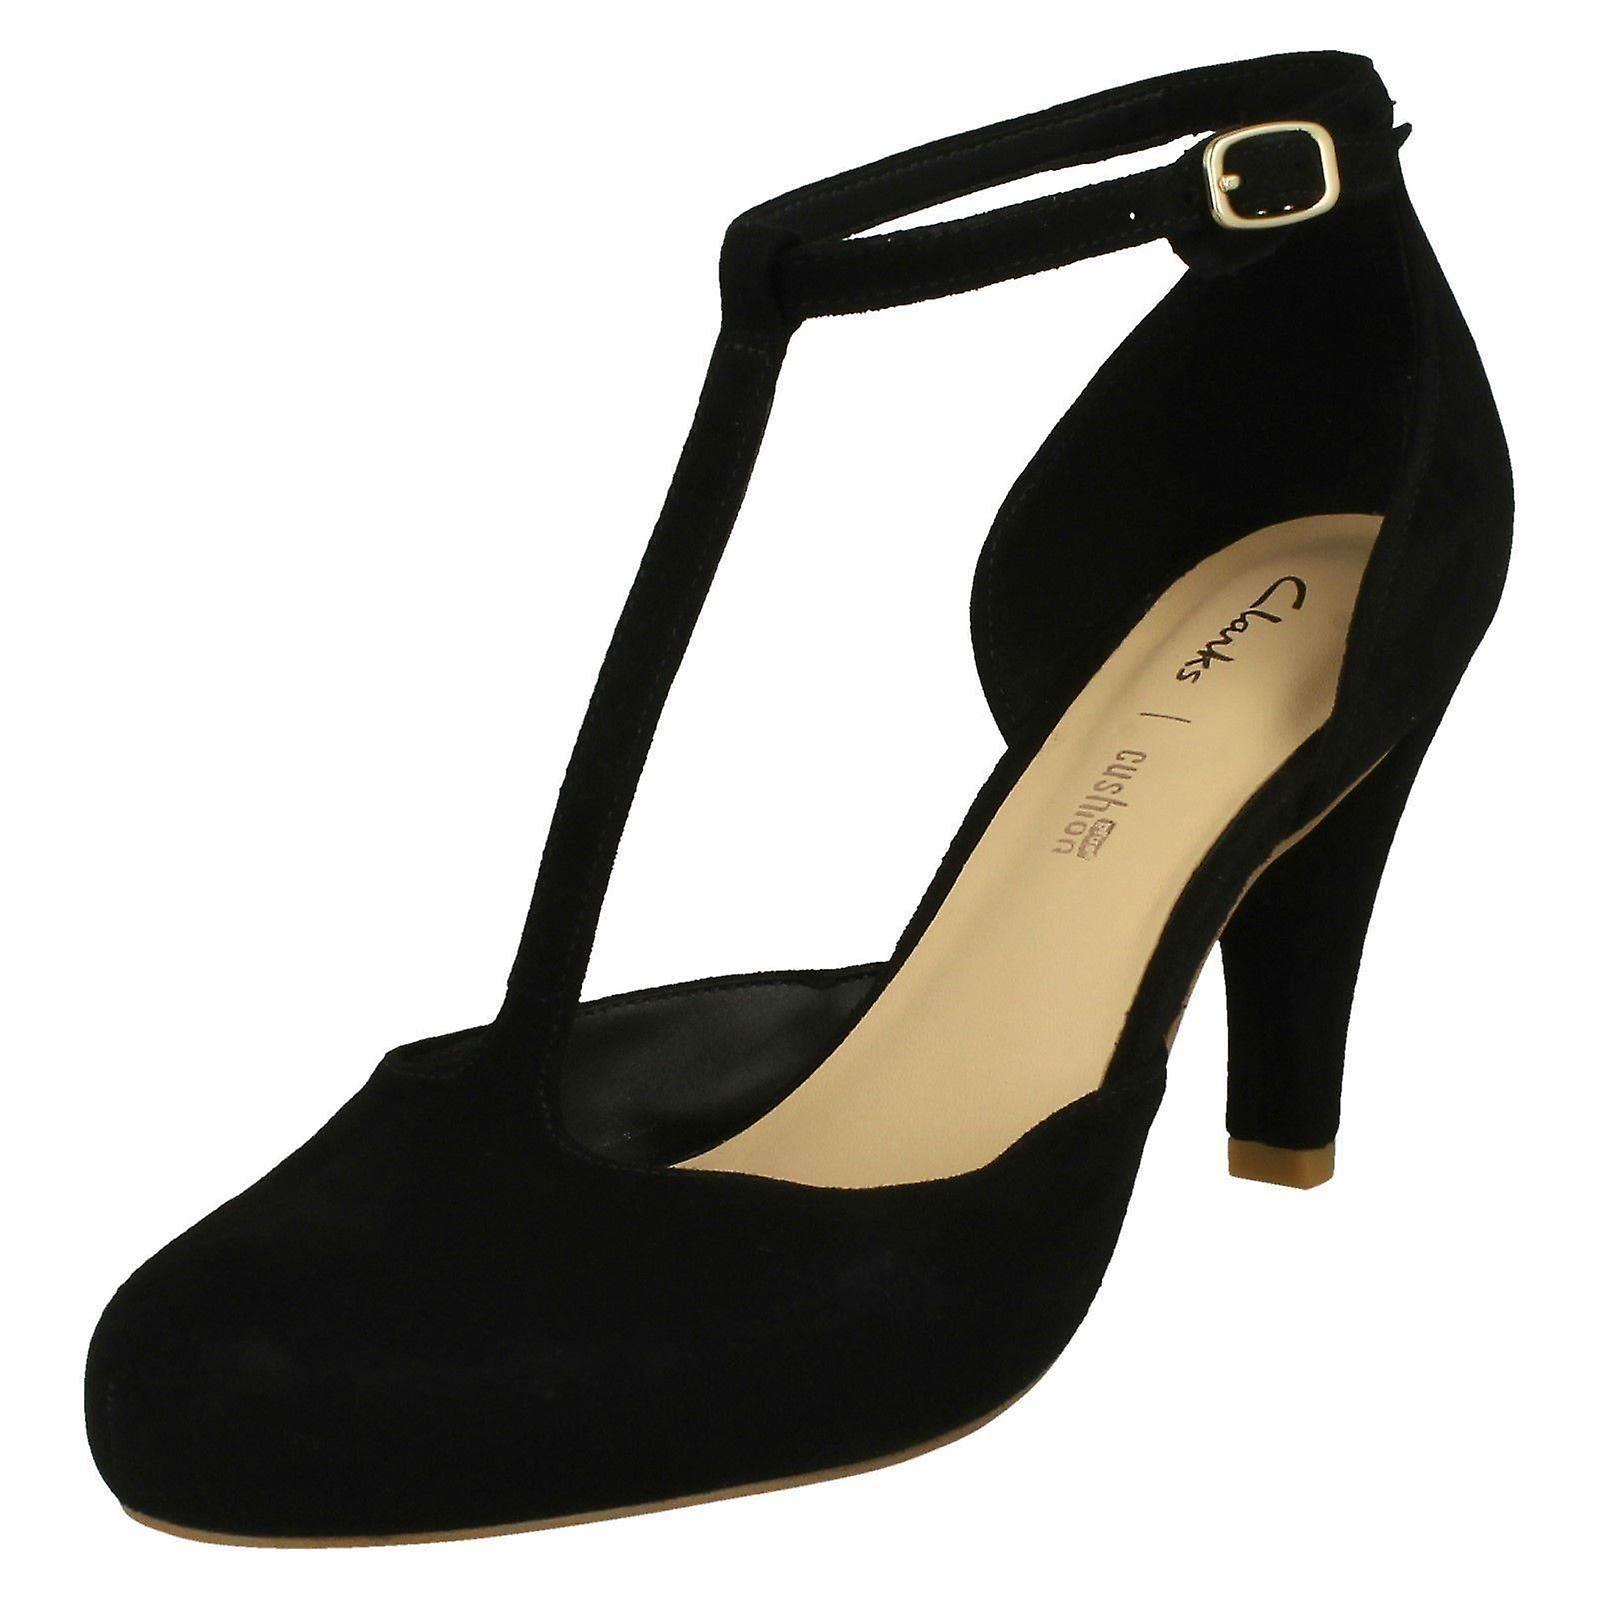 Sąd T-Bar Clarks damskie buty Dalia Tulip - czarny zamsz - UK rozmiar 8D - UE rozmiar 42 - USA rozmiar 10,5 M hL25a